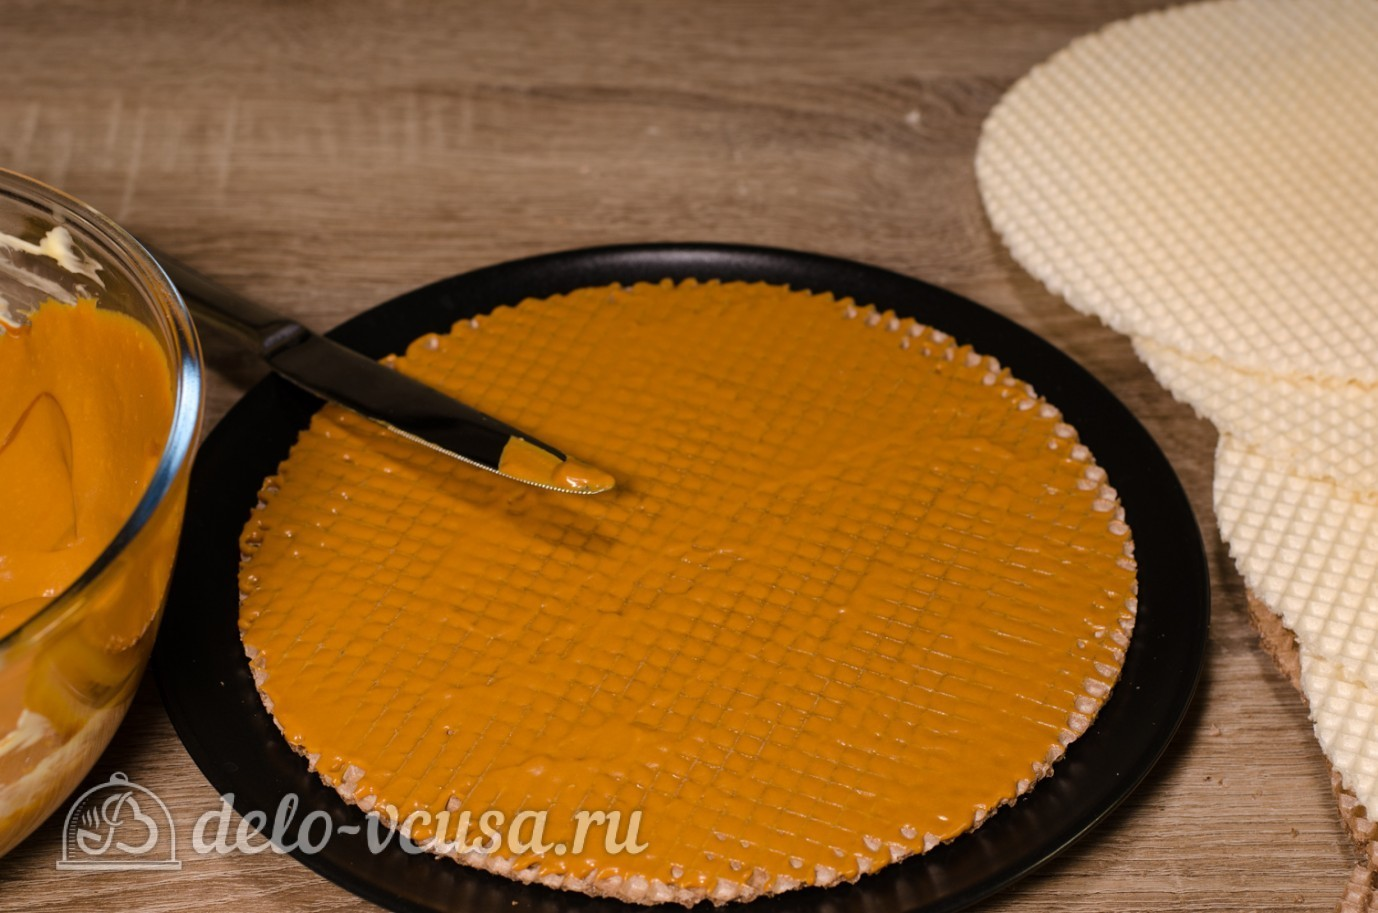 Торты на вафельных коржах со сгущенкой